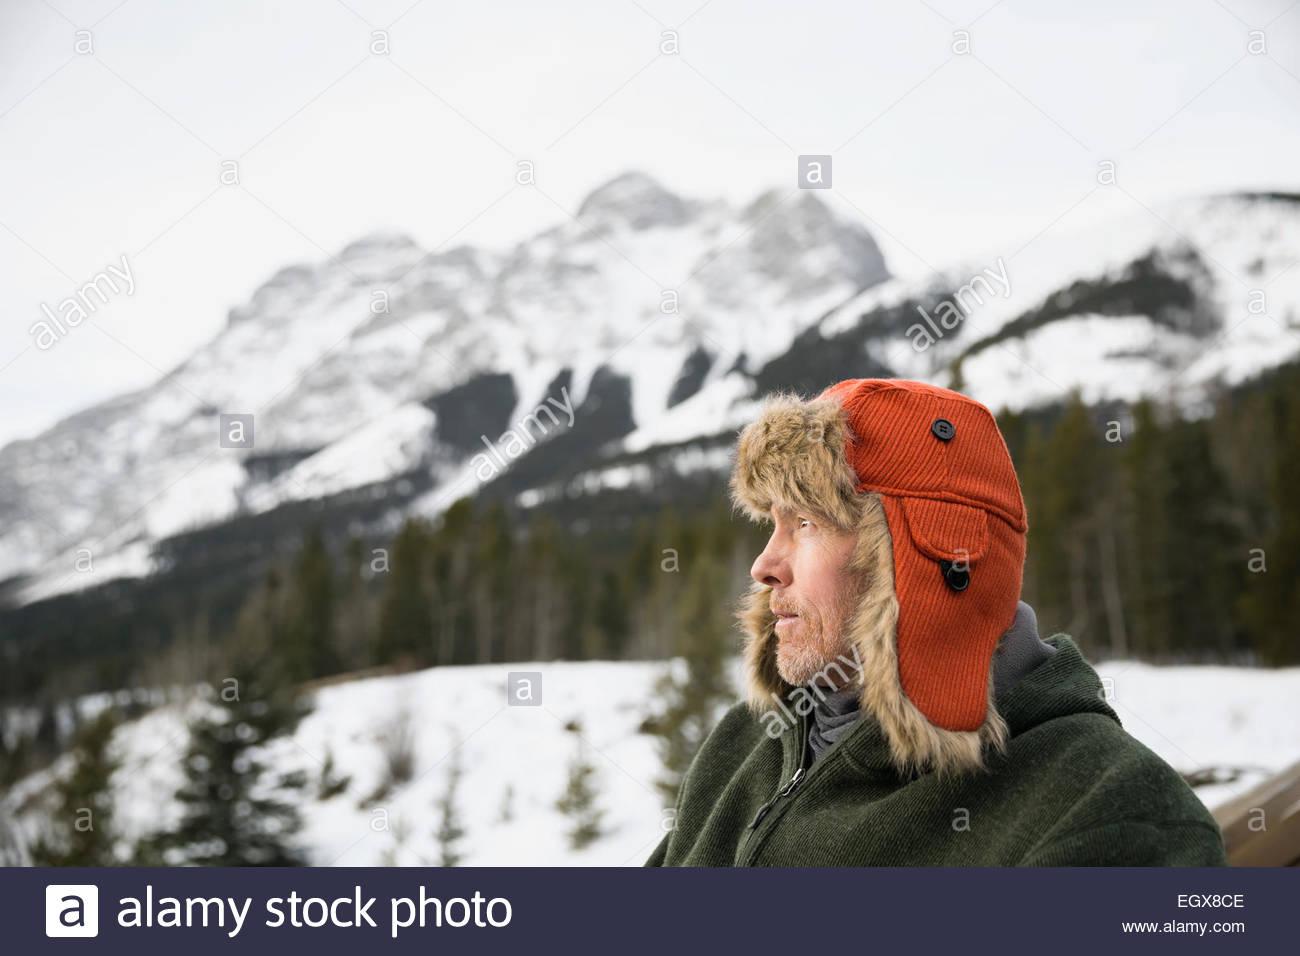 Serious man in fur hat ci-dessous montagnes enneigées Photo Stock